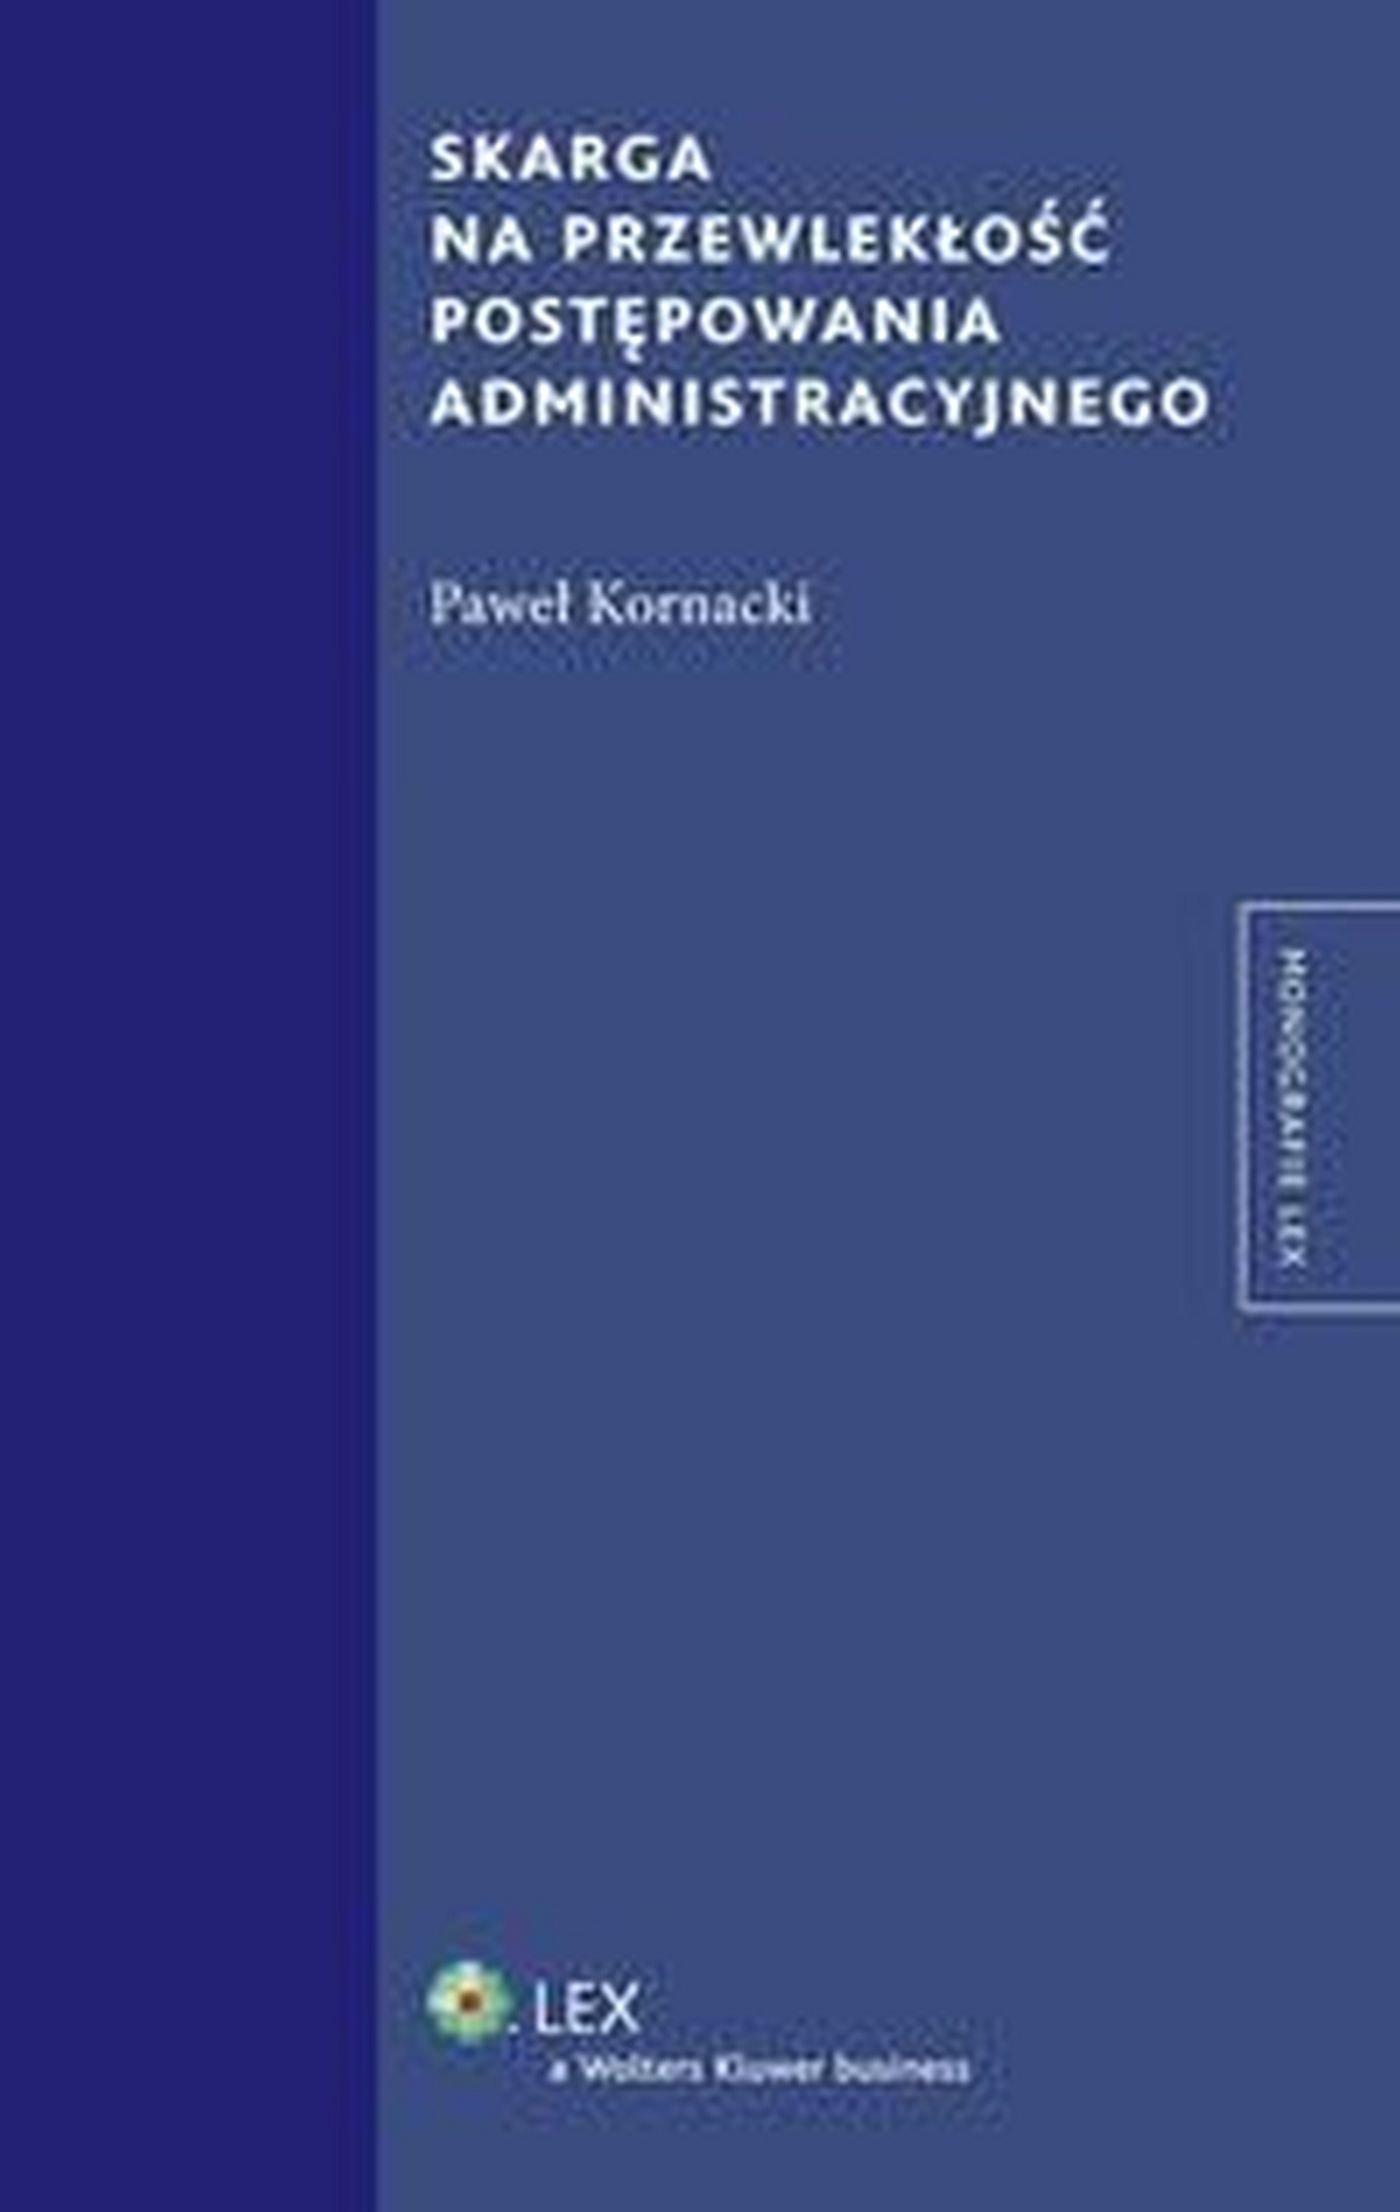 Skarga na przewlekłość postępowania administracyjnego - Ebook (Książka EPUB) do pobrania w formacie EPUB